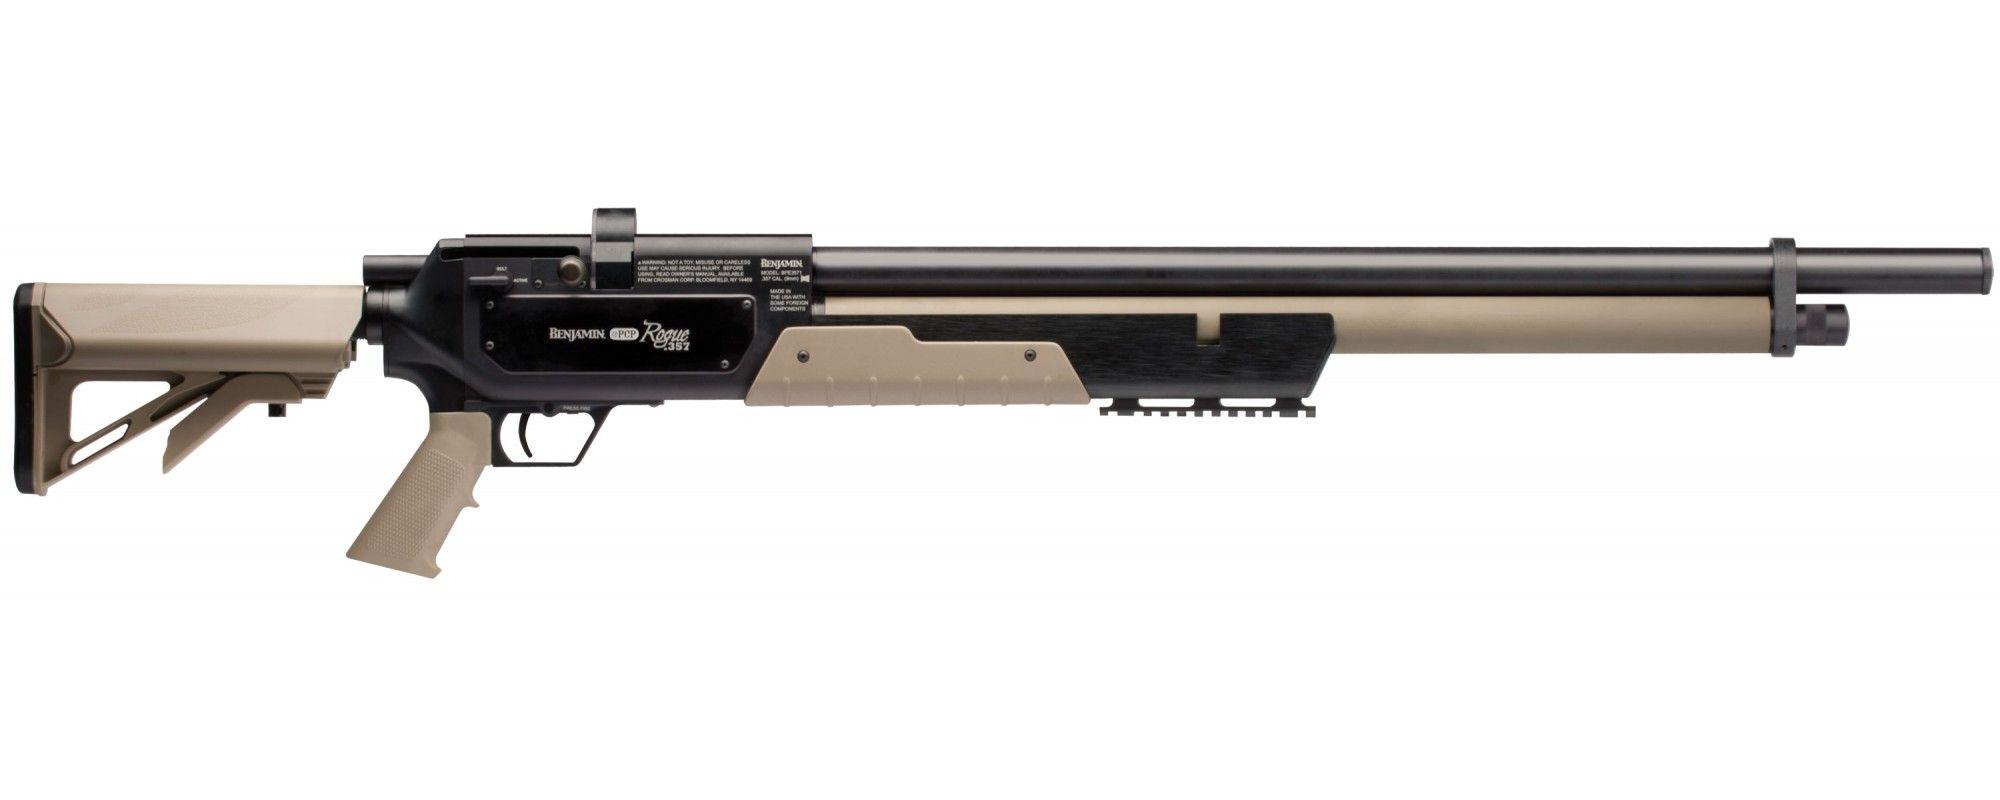 Pin on Big Bore Air Guns